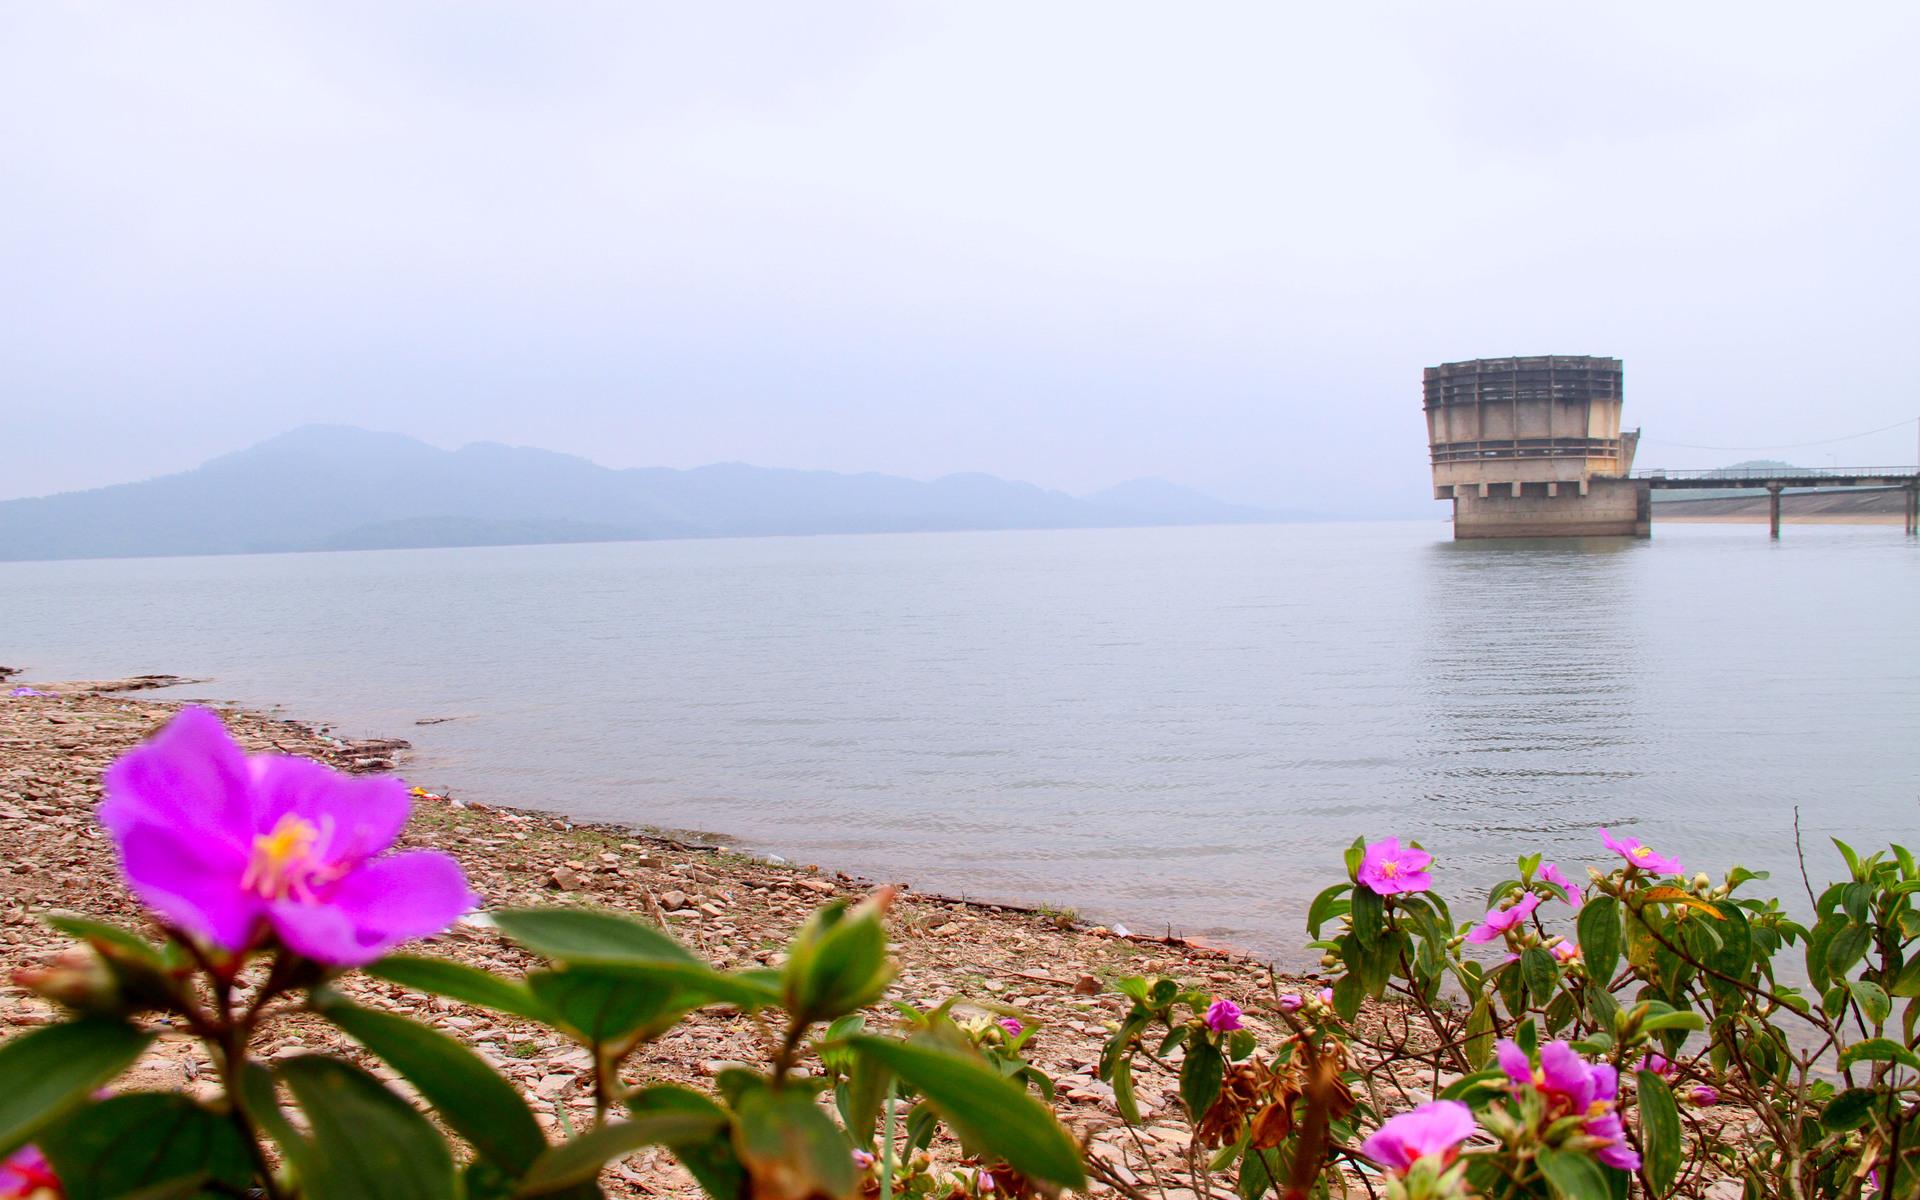 3 năm 'phá đá, đào sỏi' xây hồ Kẻ Gỗ Ho-ke-go-1_1494067353_VnEx